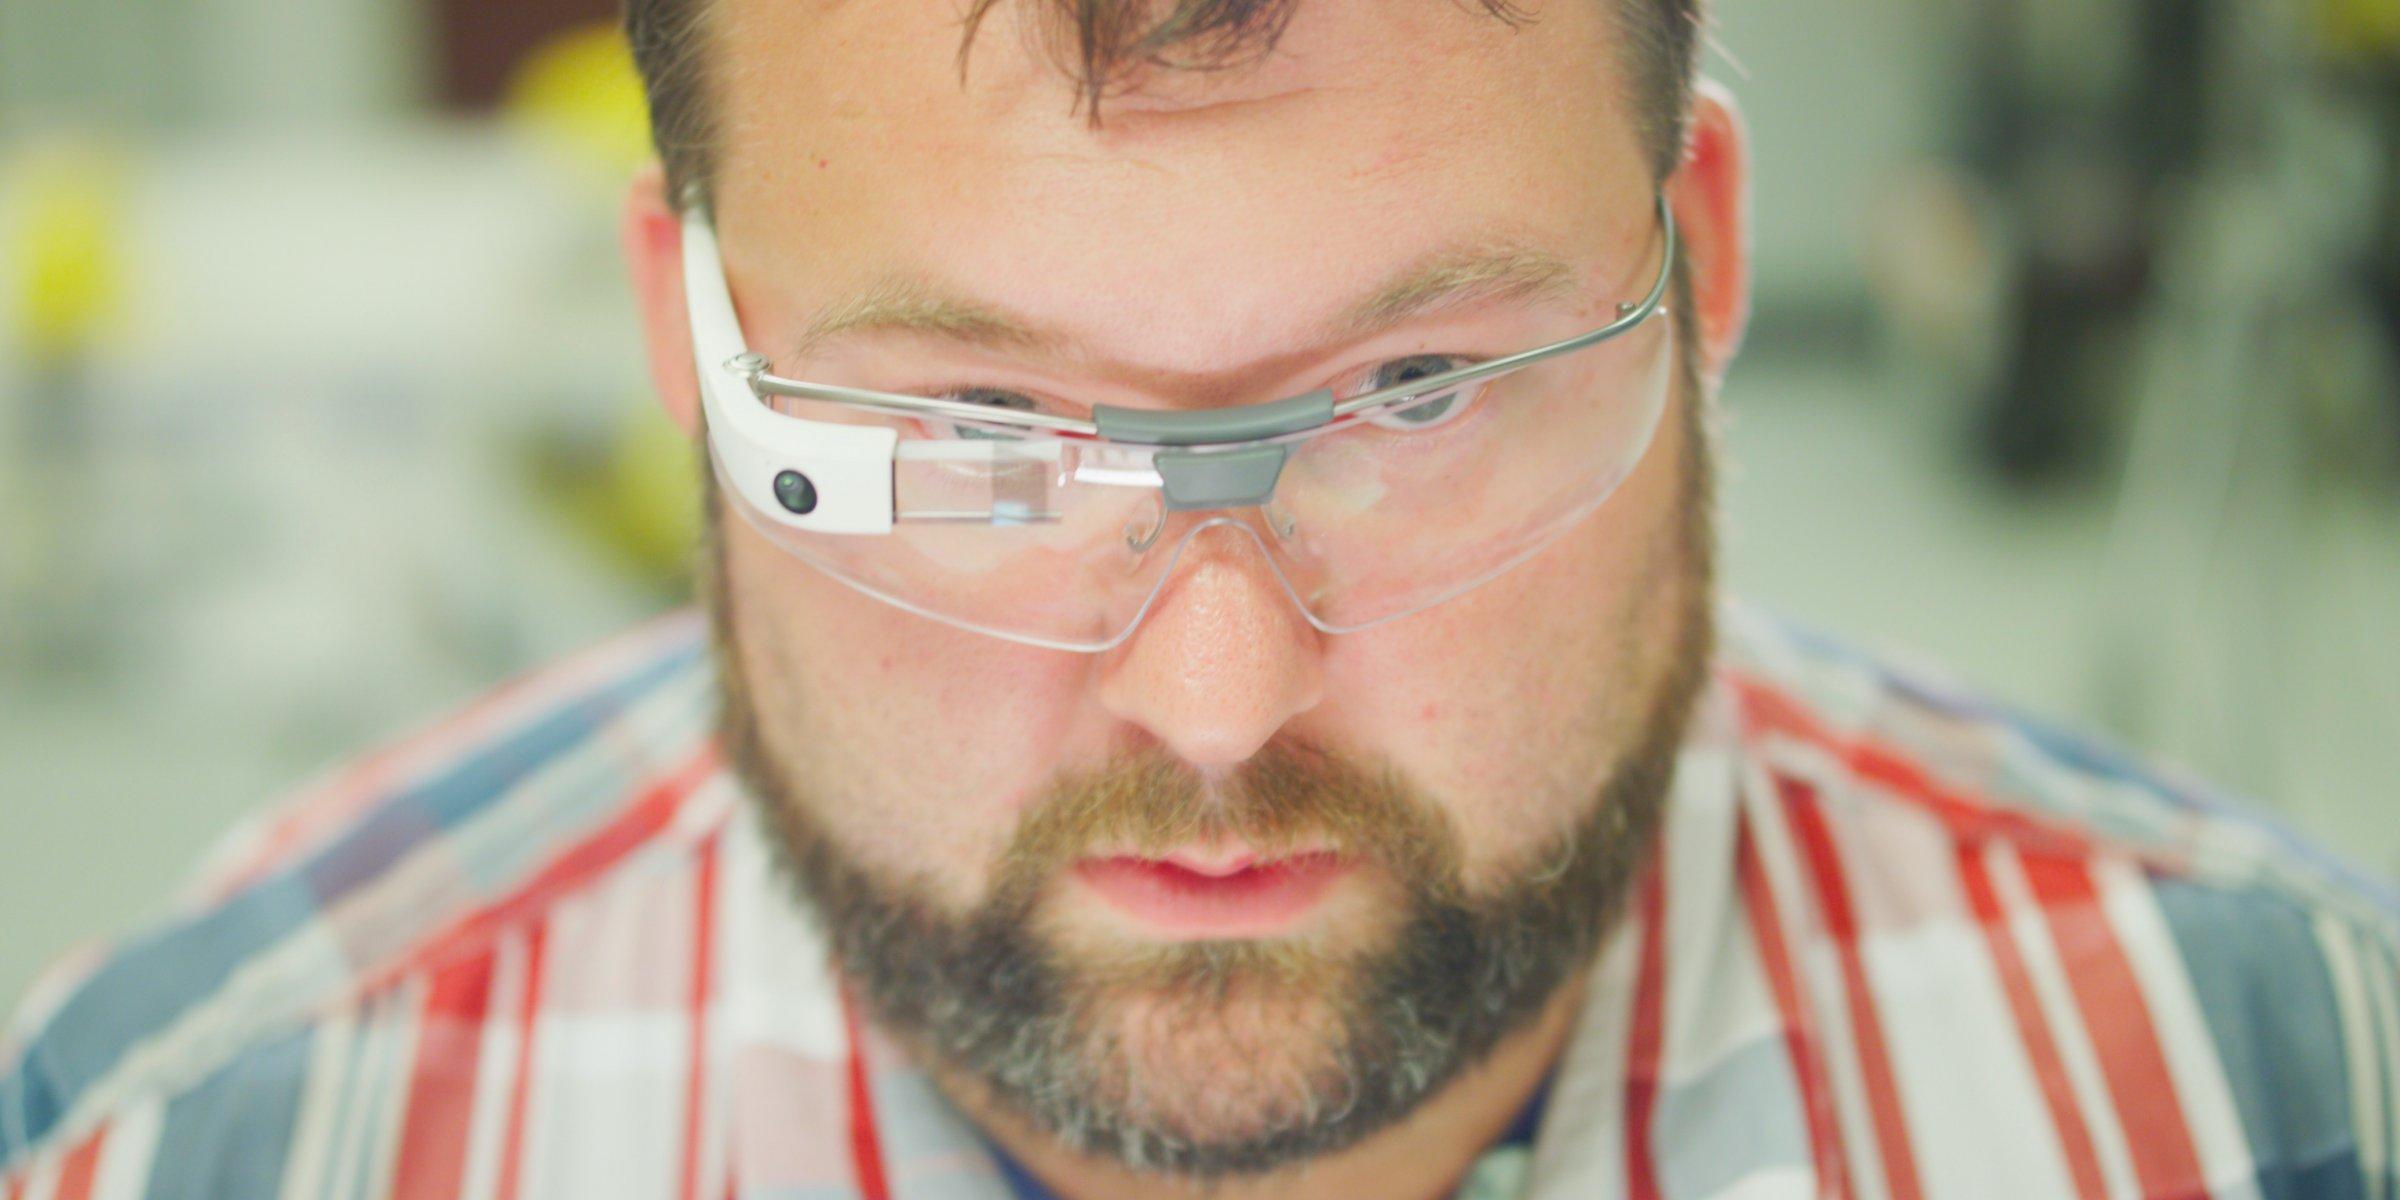 Холдинг Alphabet представил новую версию видеоочков Google Glass - 1